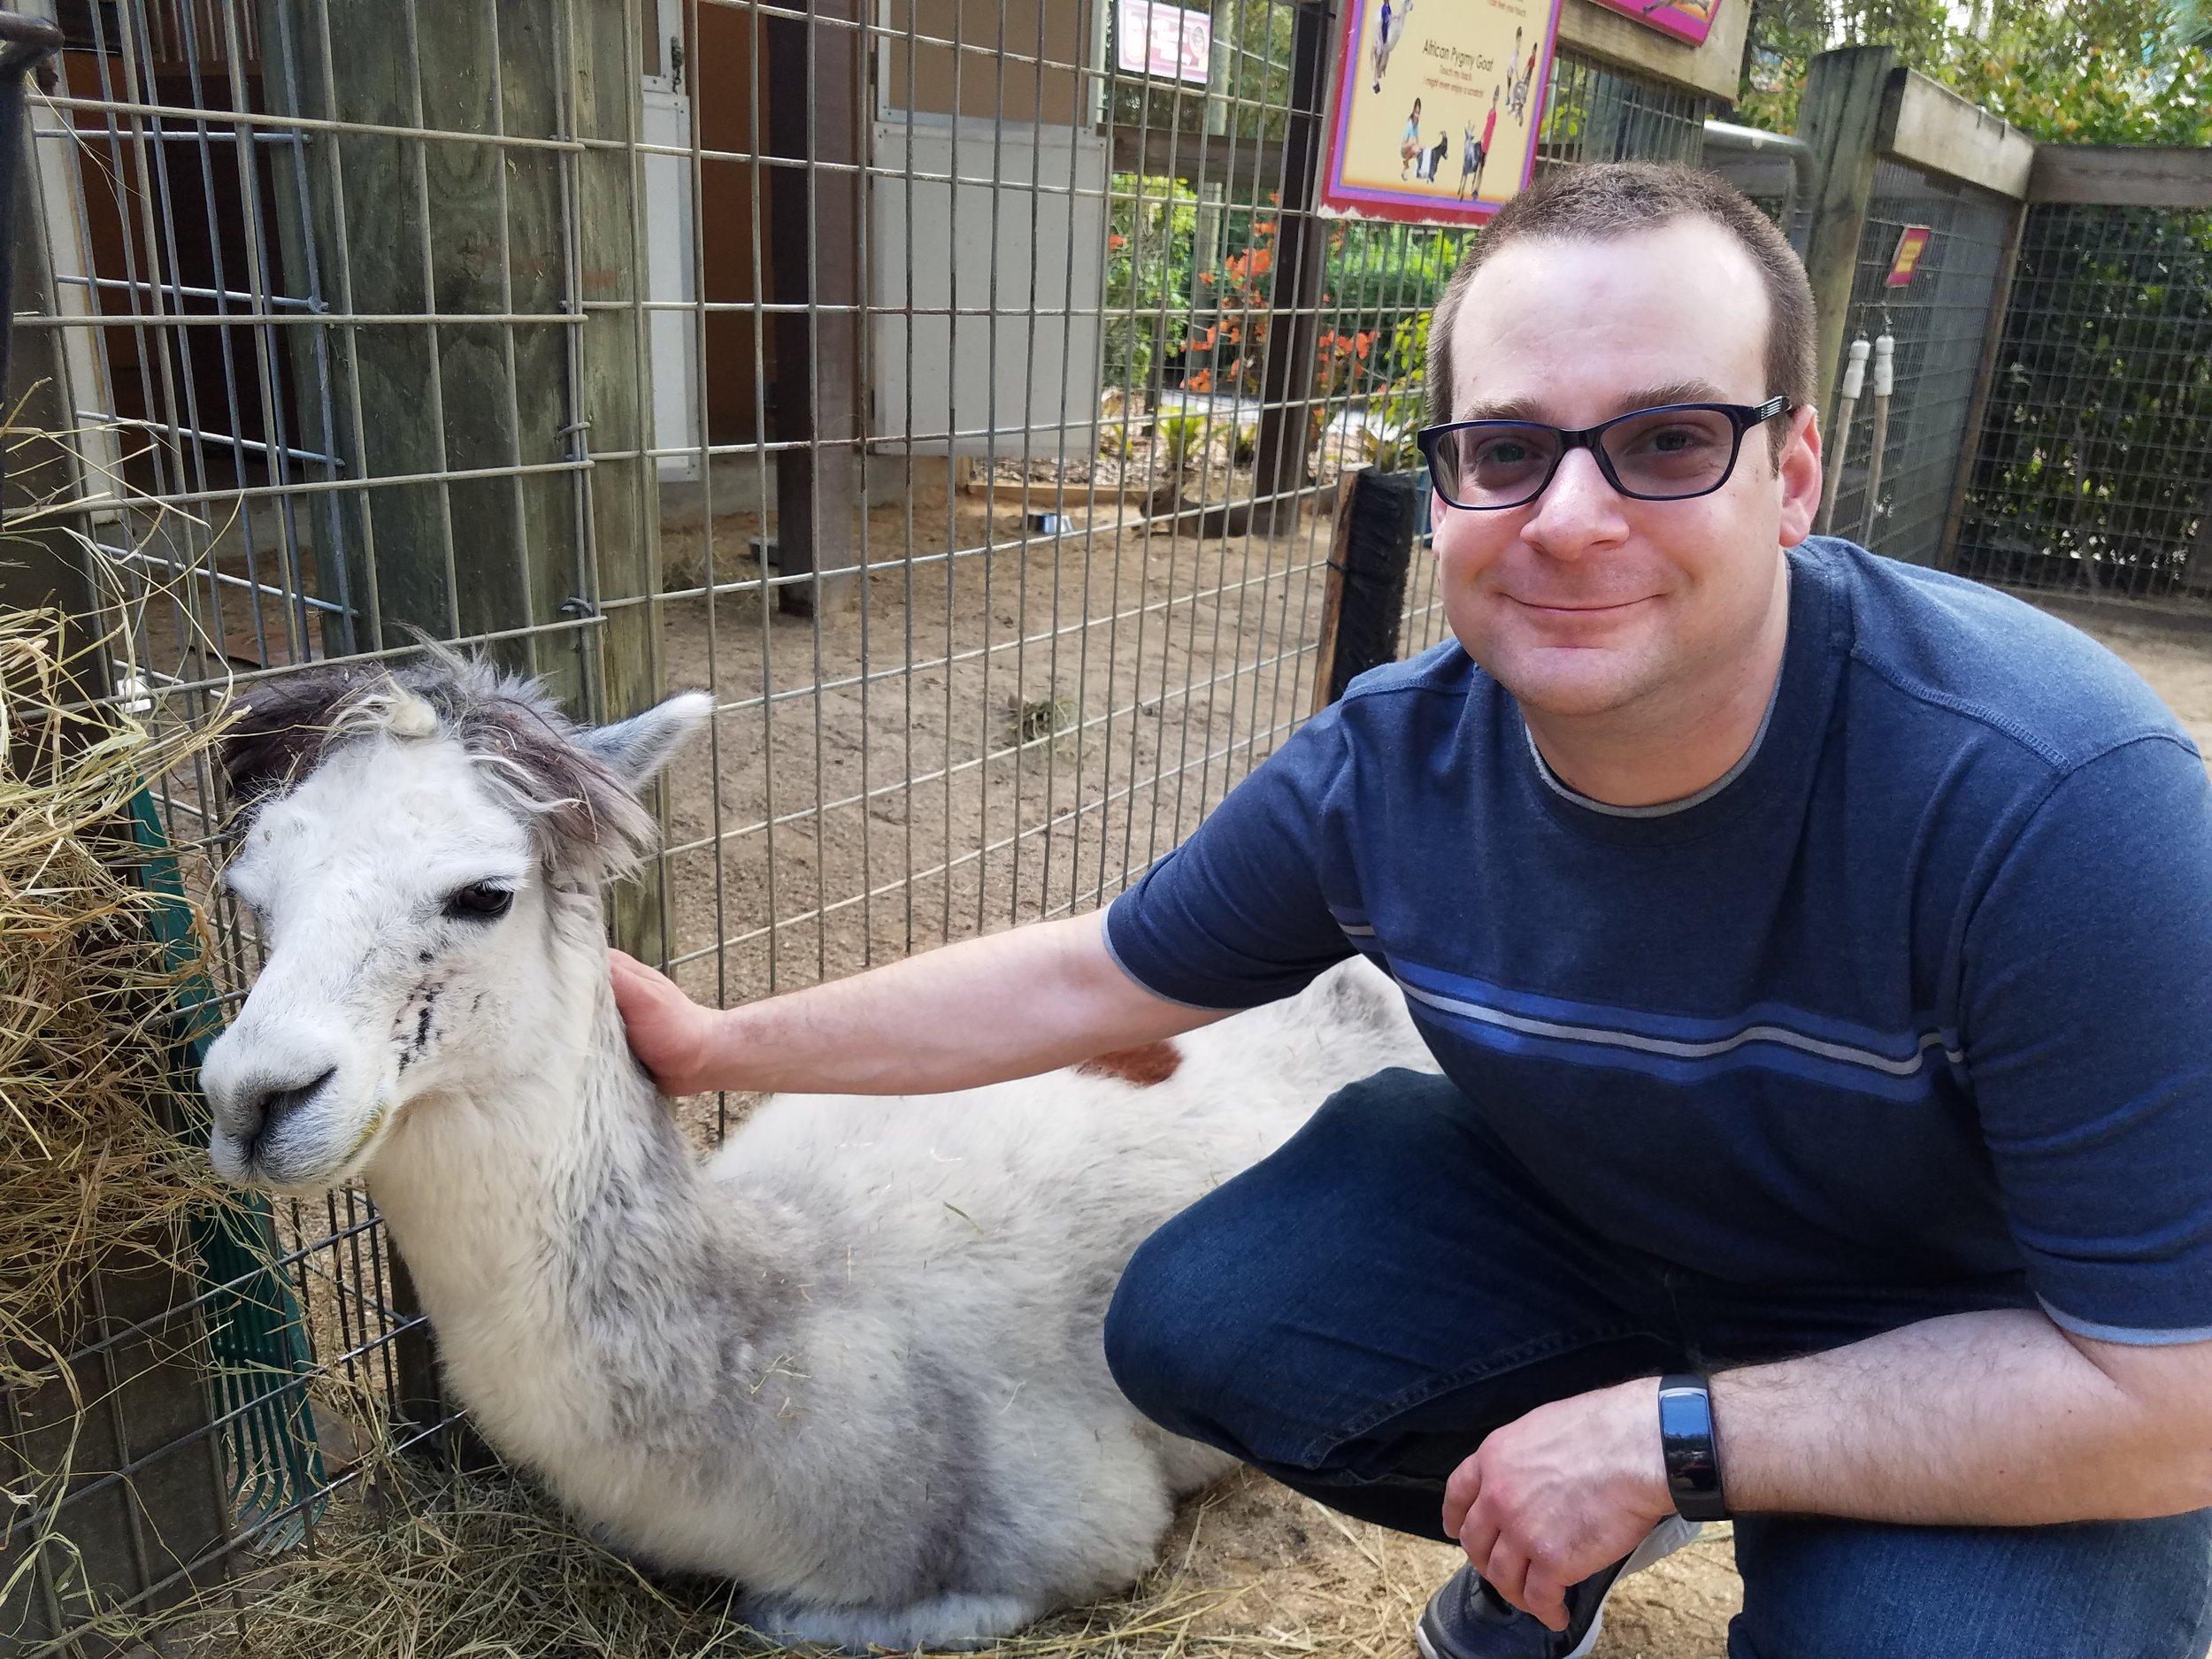 Steve petting llama.jpg